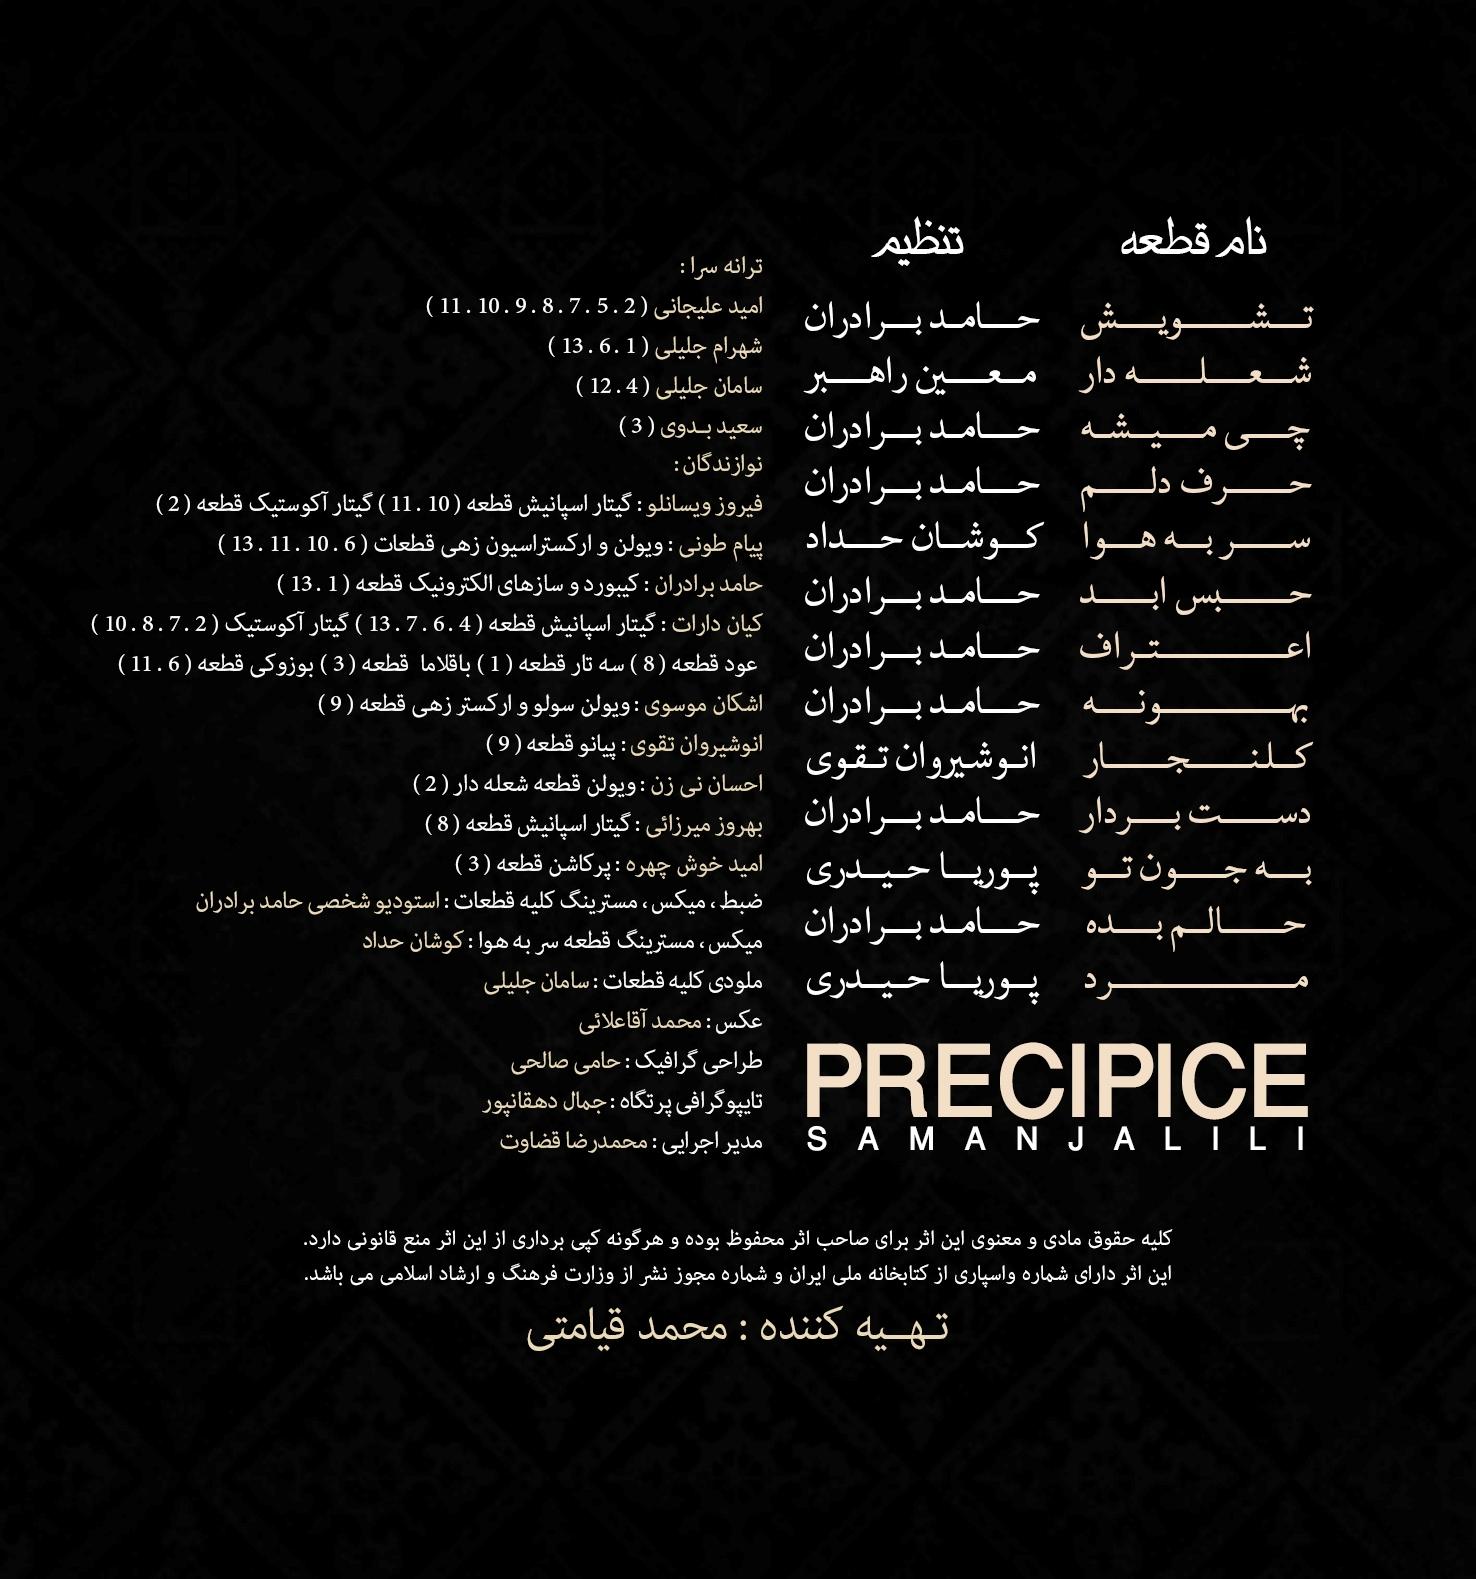 http://s5.picofile.com/file/8137375992/Saman_Jalili_Partgah_Back1.jpg